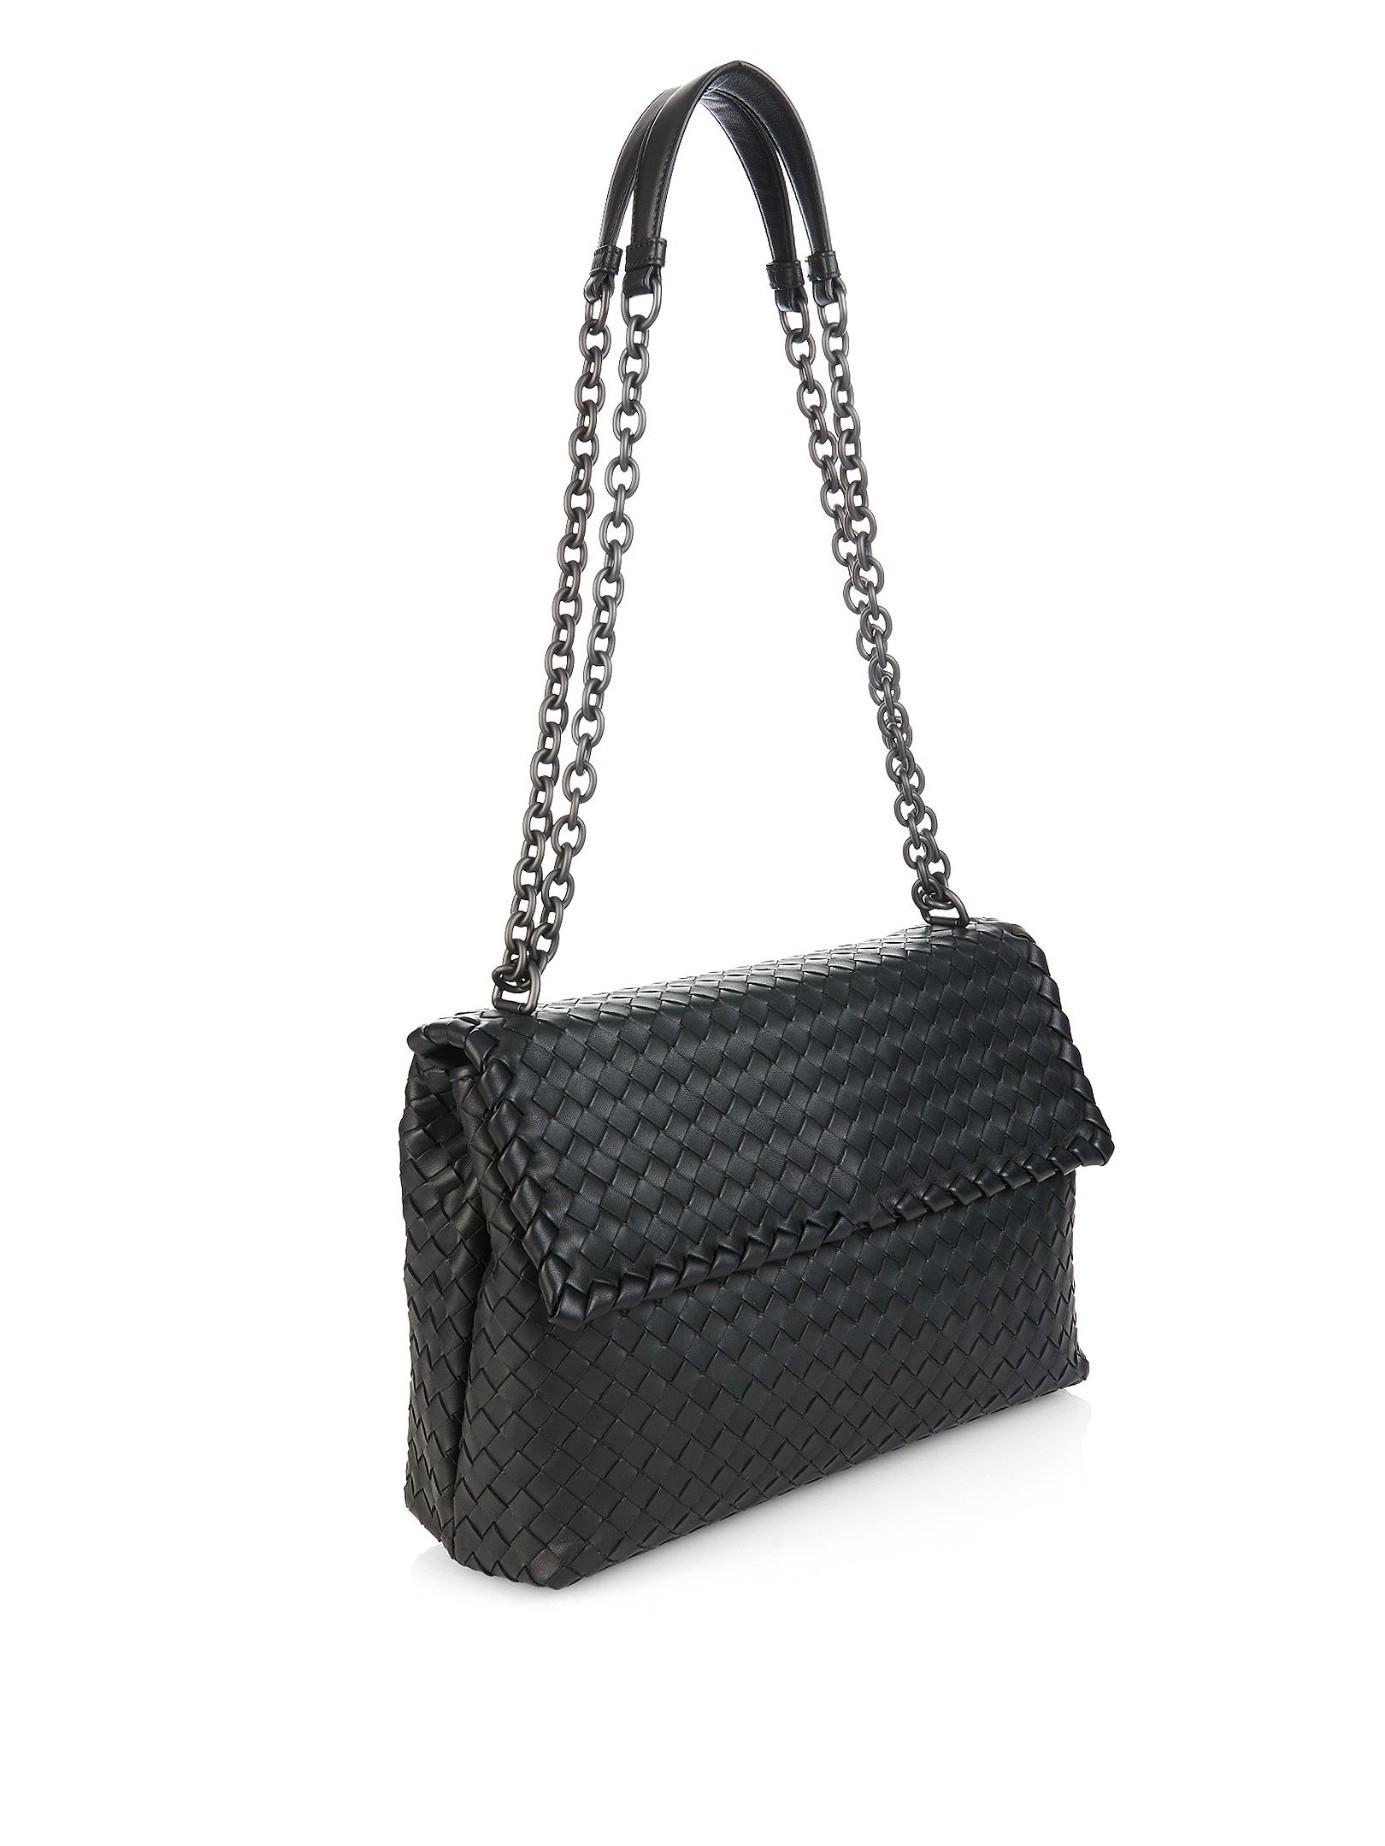 Bottega Veneta Olympia Intrecciato Leather Shoulder Bag In